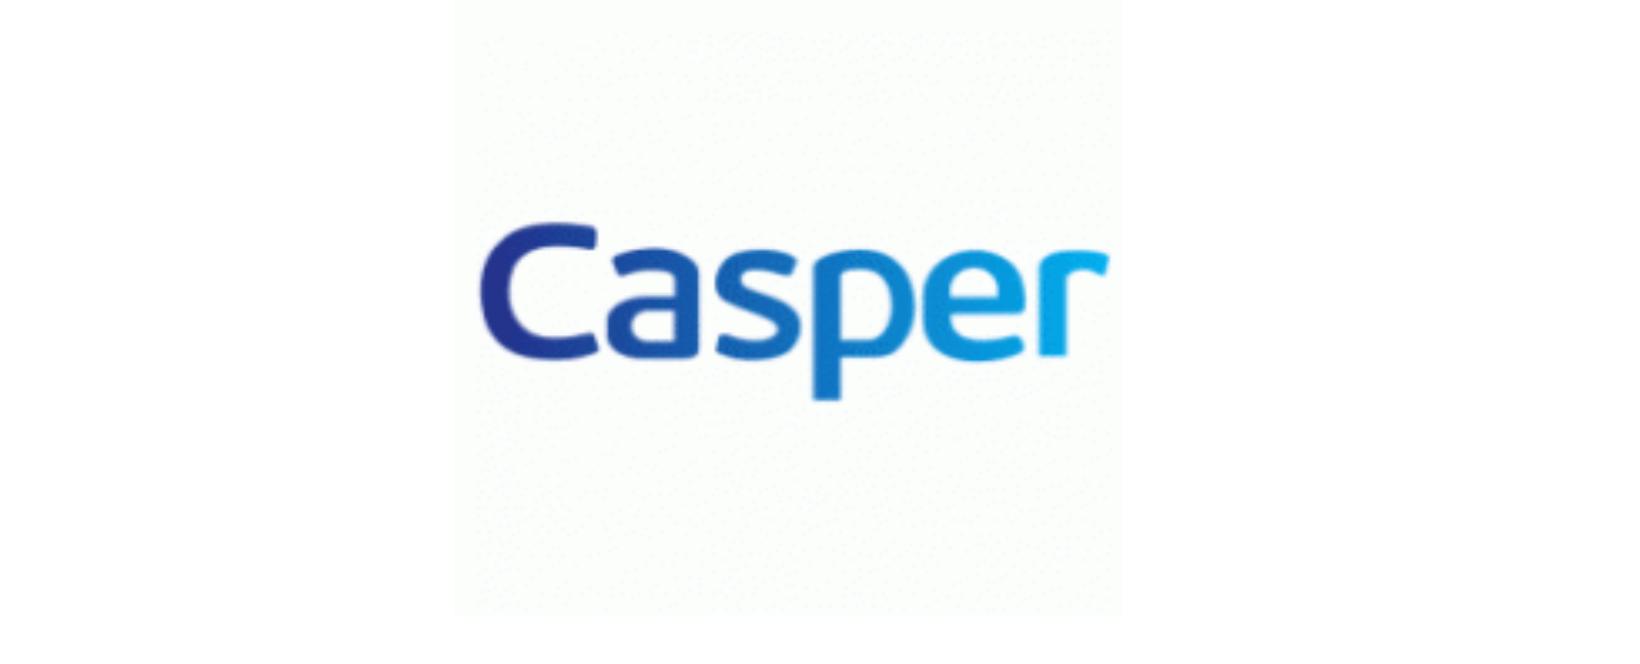 Casper CA Discount Code 2021